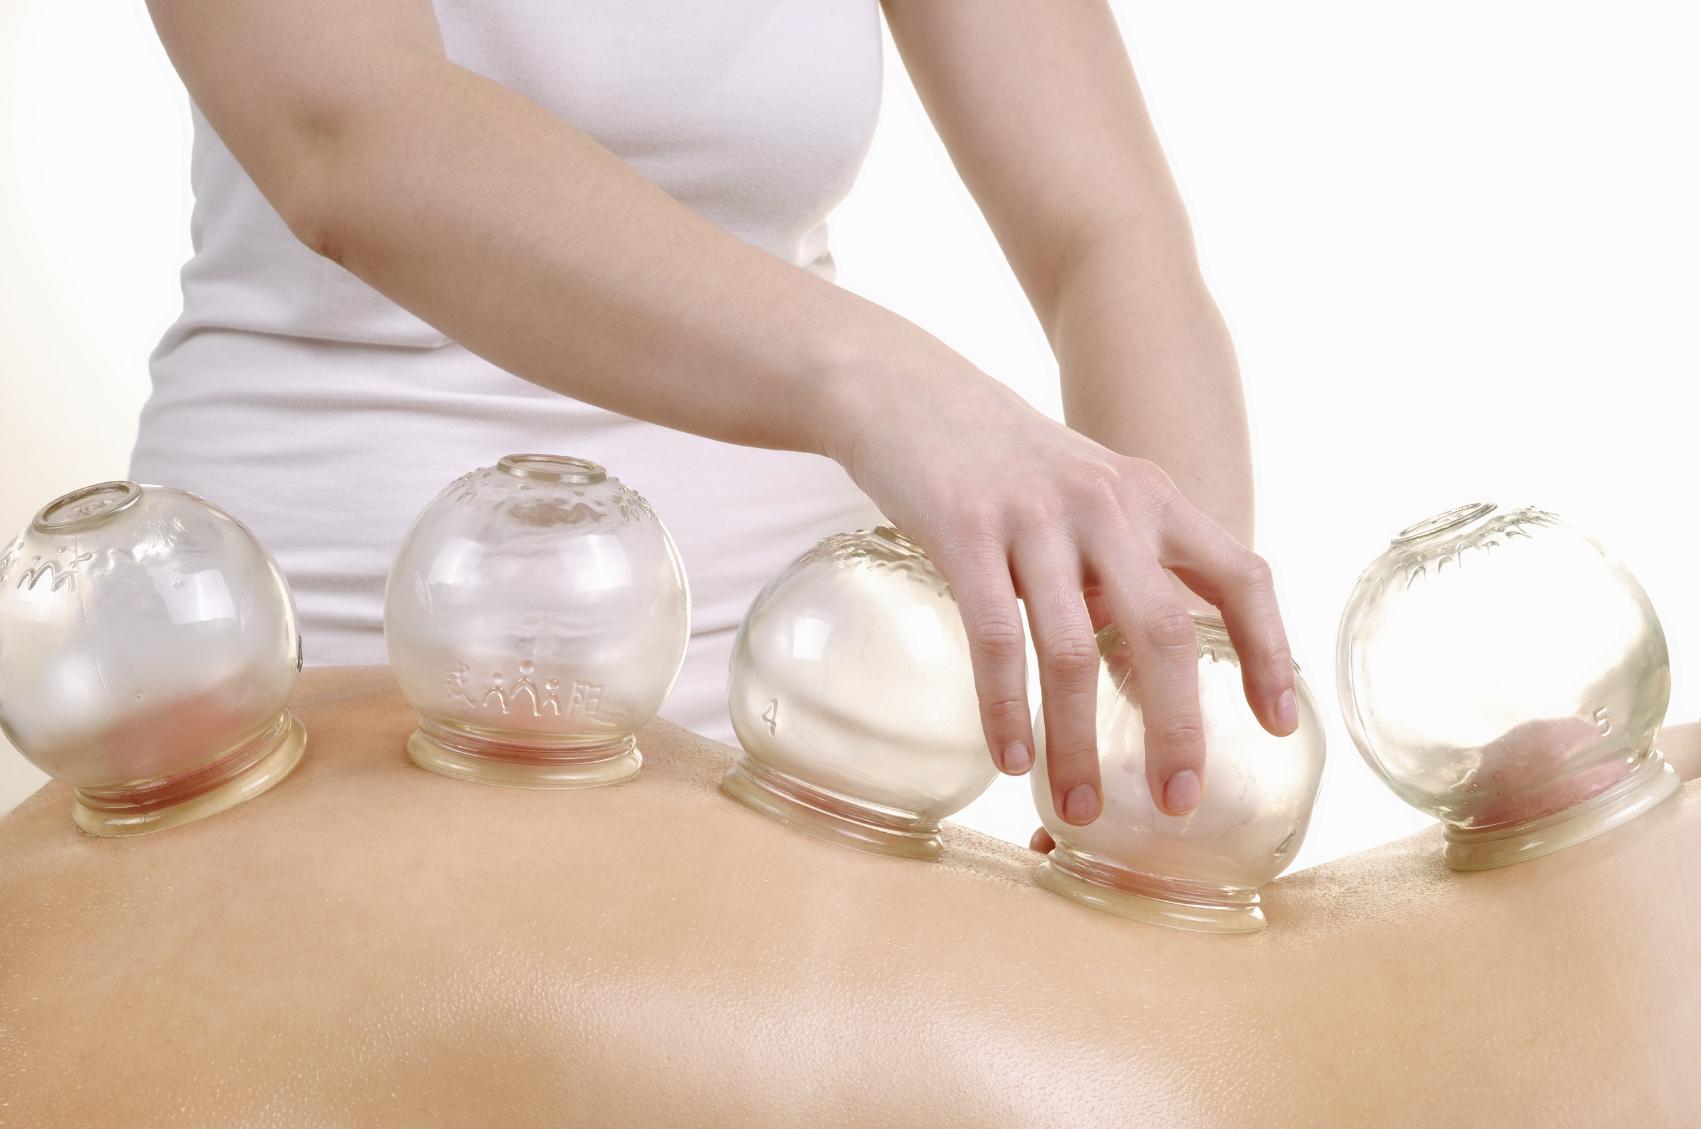 баночный лечебный массаж спины